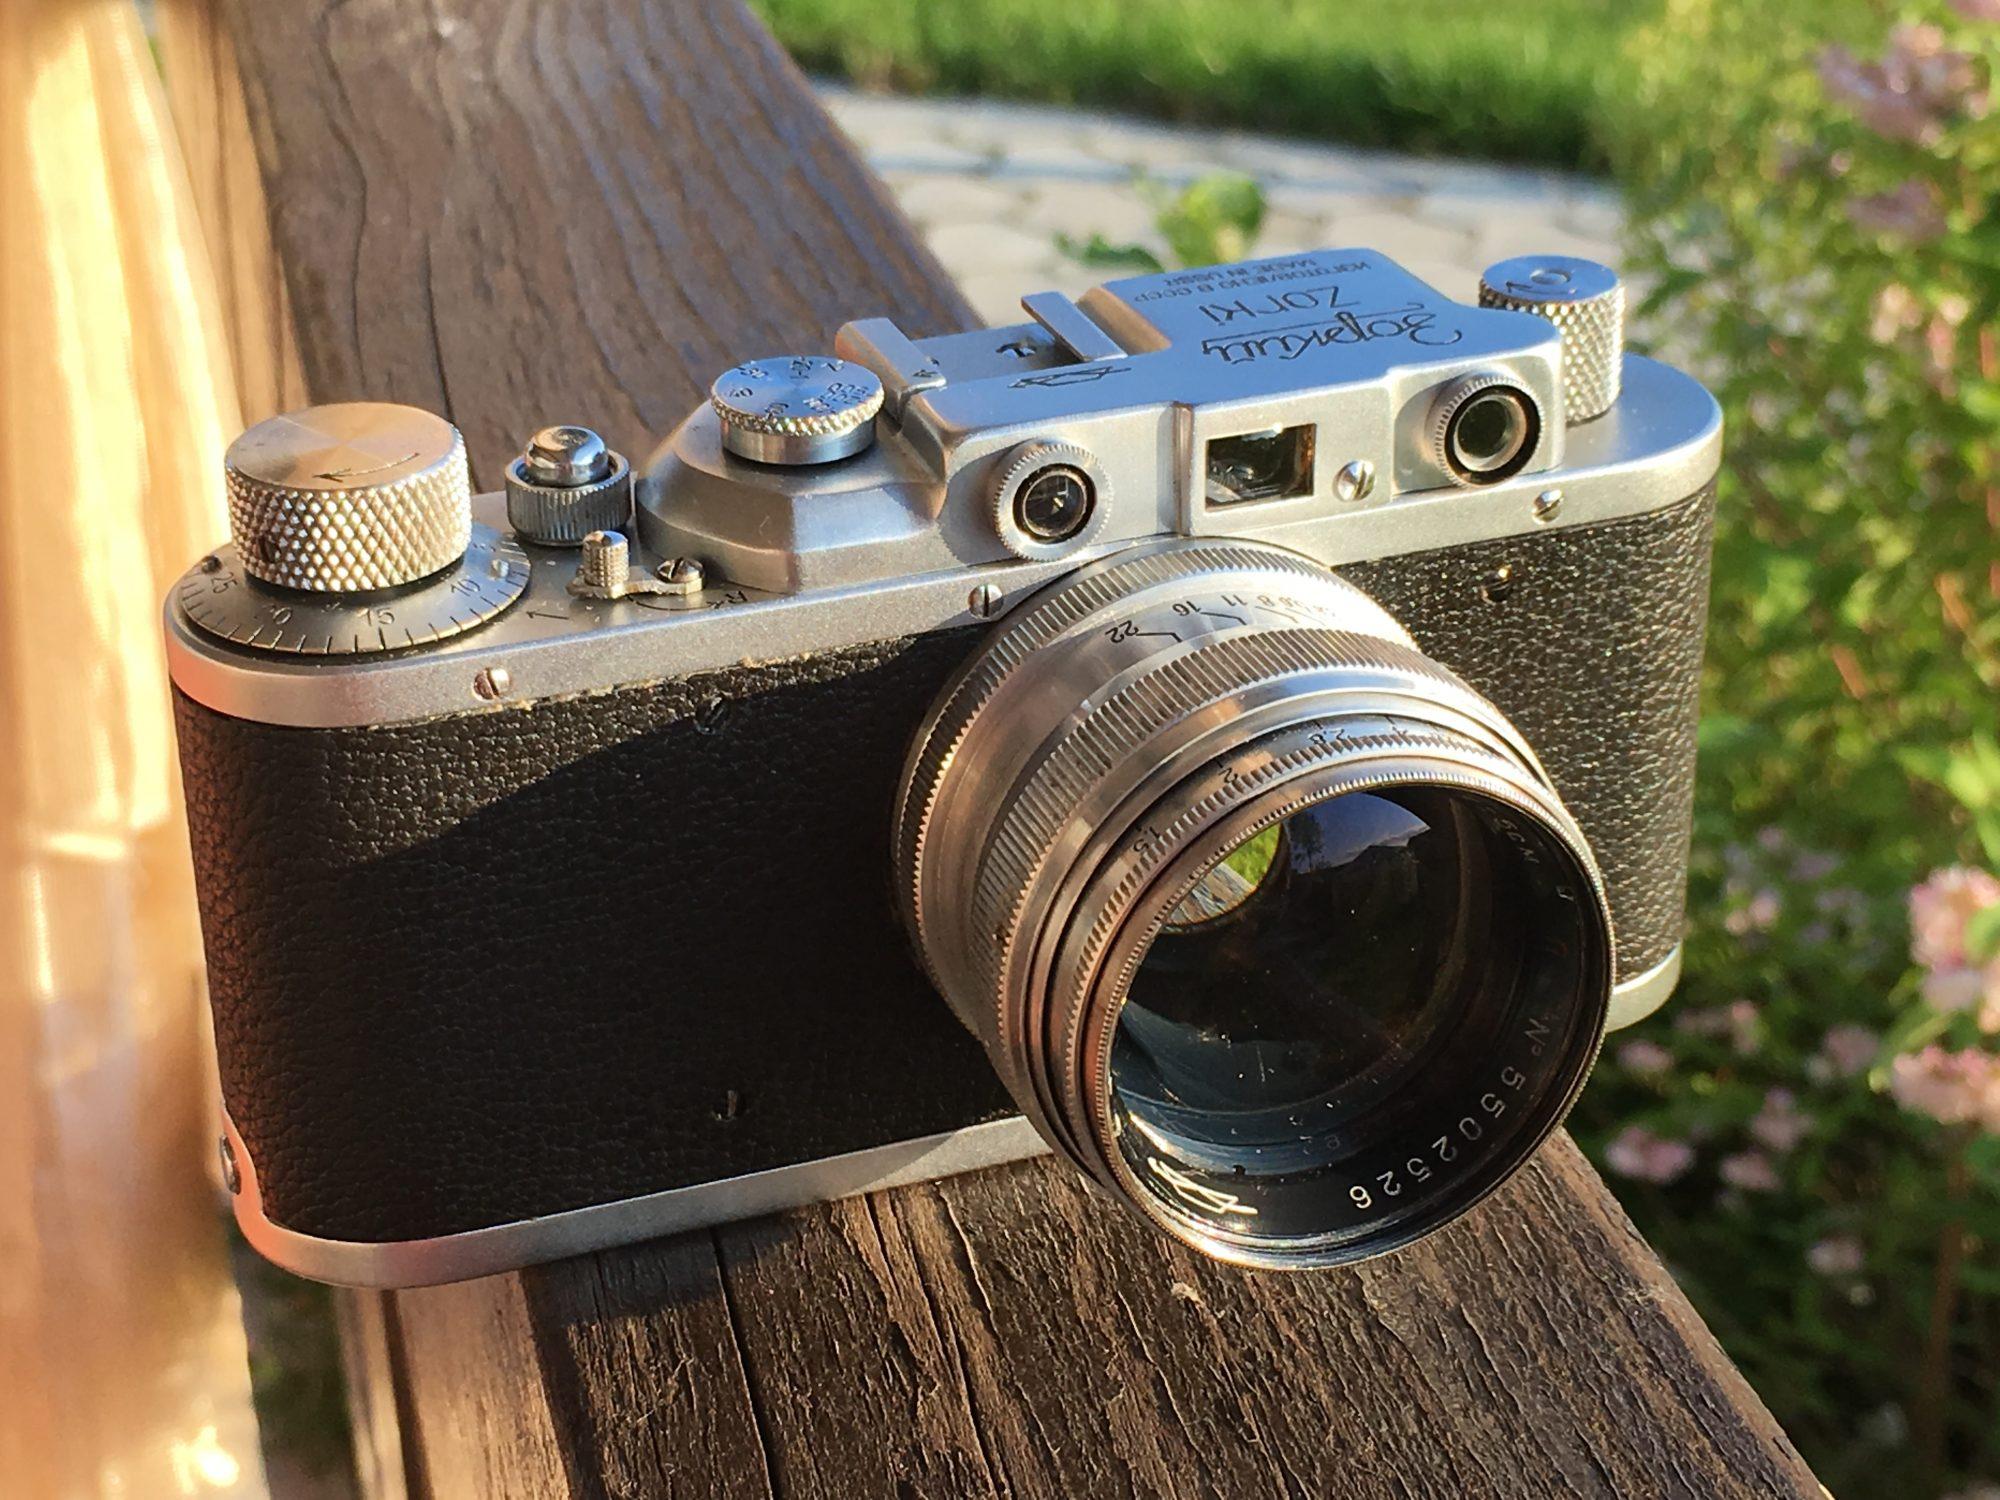 Zorki/Leica hybrid (Pic: Oleg Khalyavin)